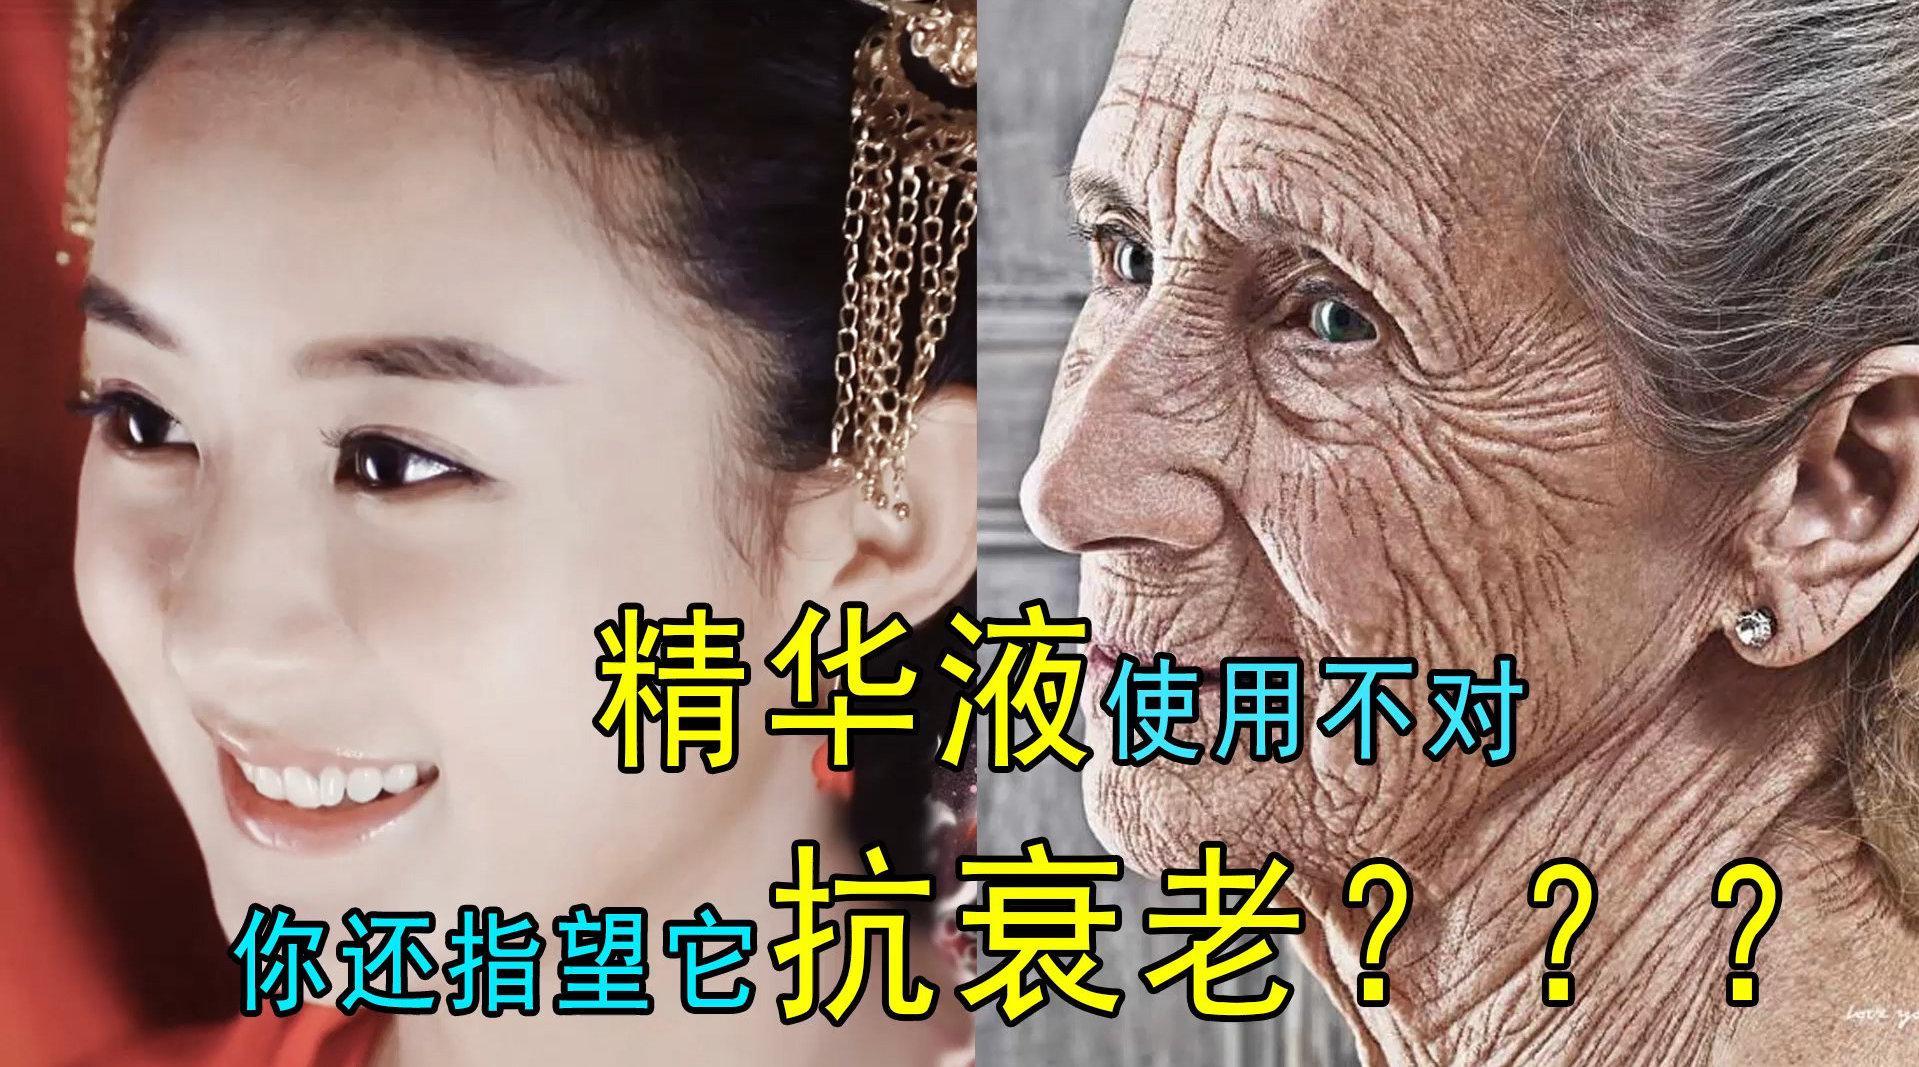 上了年纪的女人都知道精华液对皮肤的重要性!